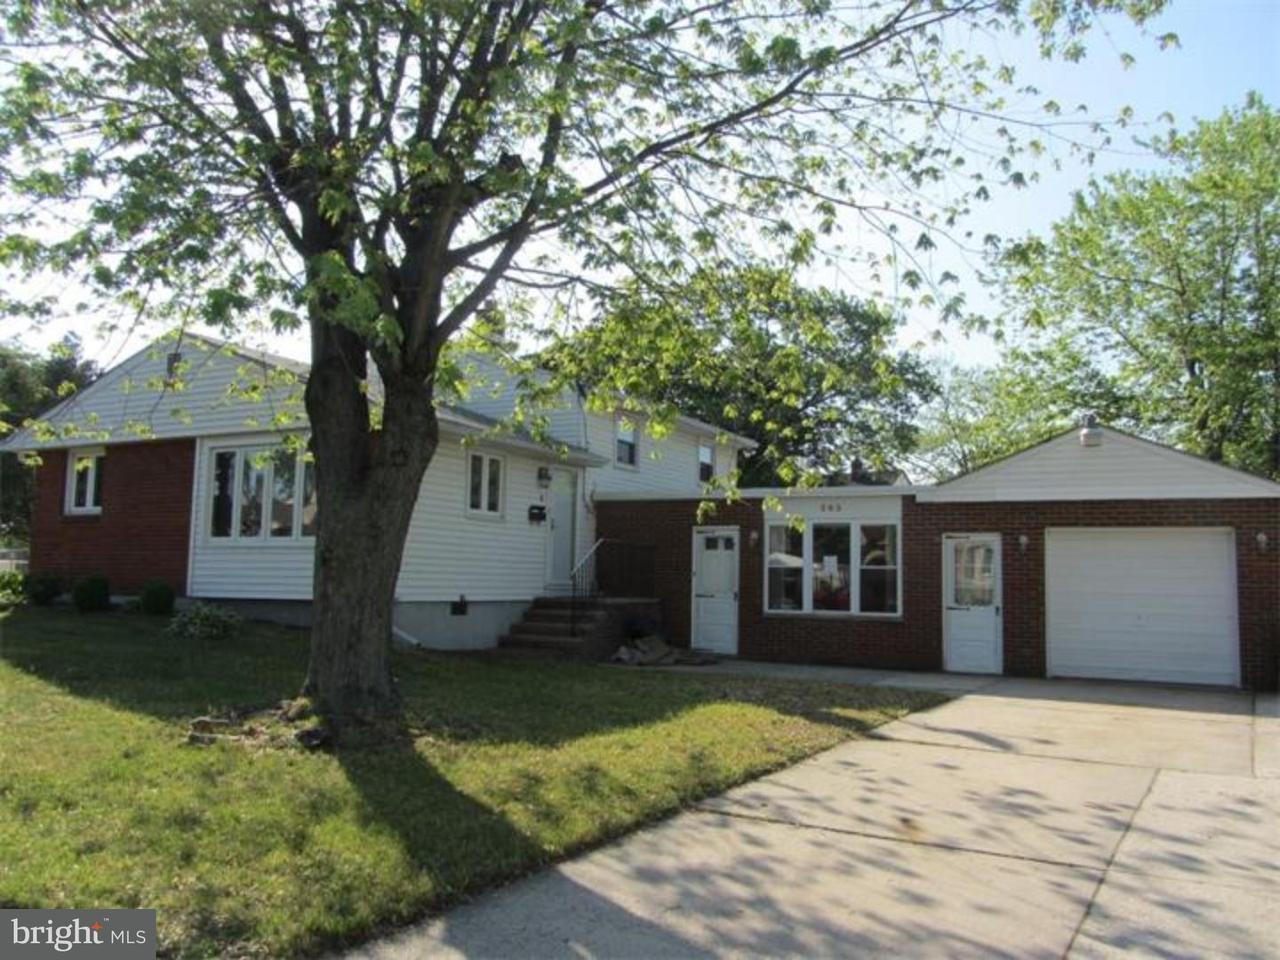 Частный односемейный дом для того Продажа на 283 BUCHANAN Avenue Bellmawr, Нью-Джерси 08031 Соединенные Штаты